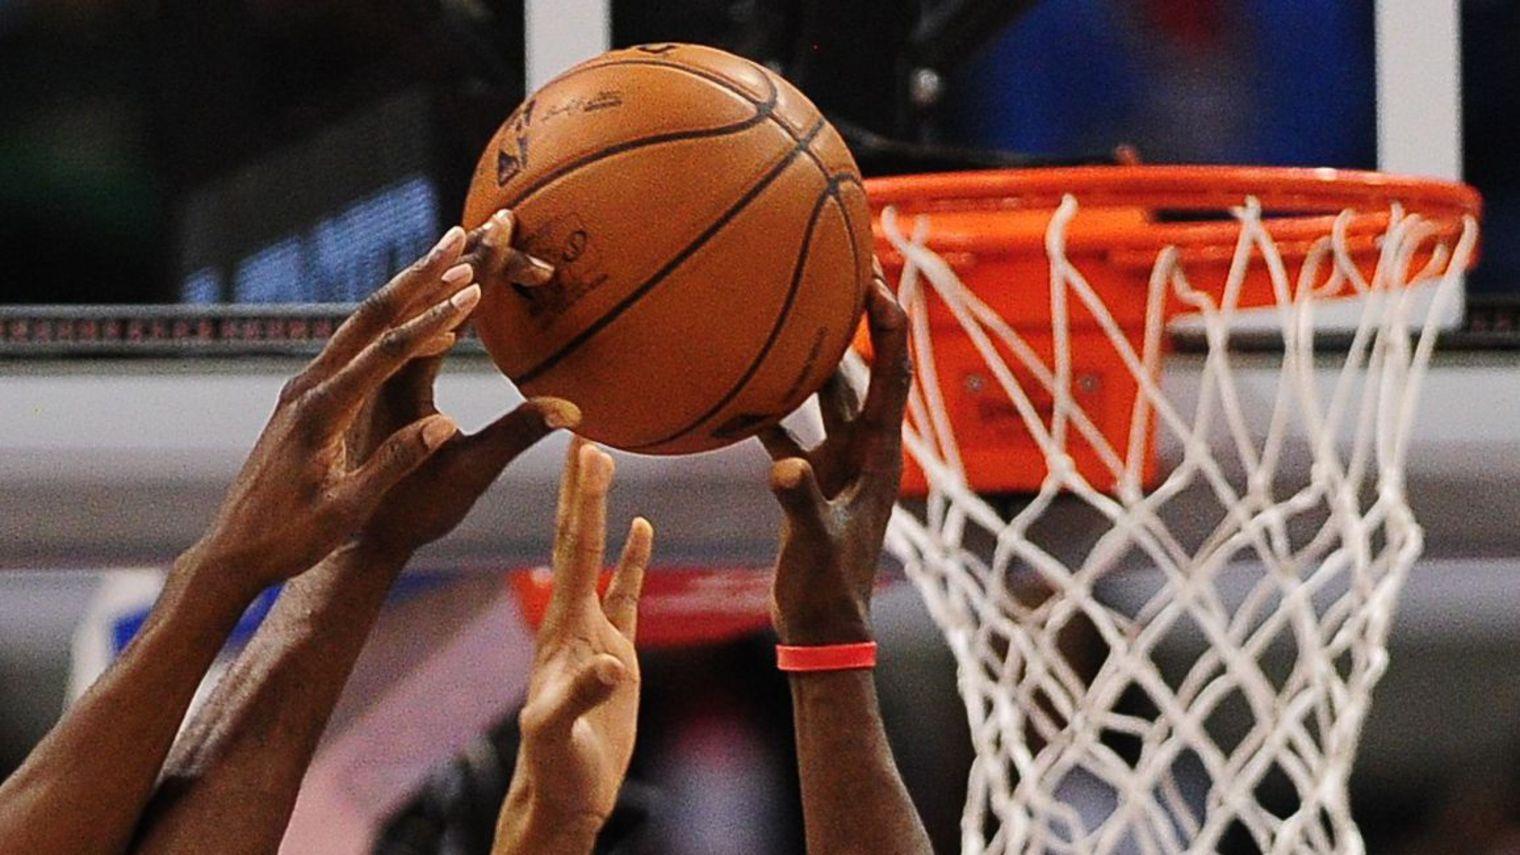 Découvrez Mondial Classement Basket Final Le w4qa54